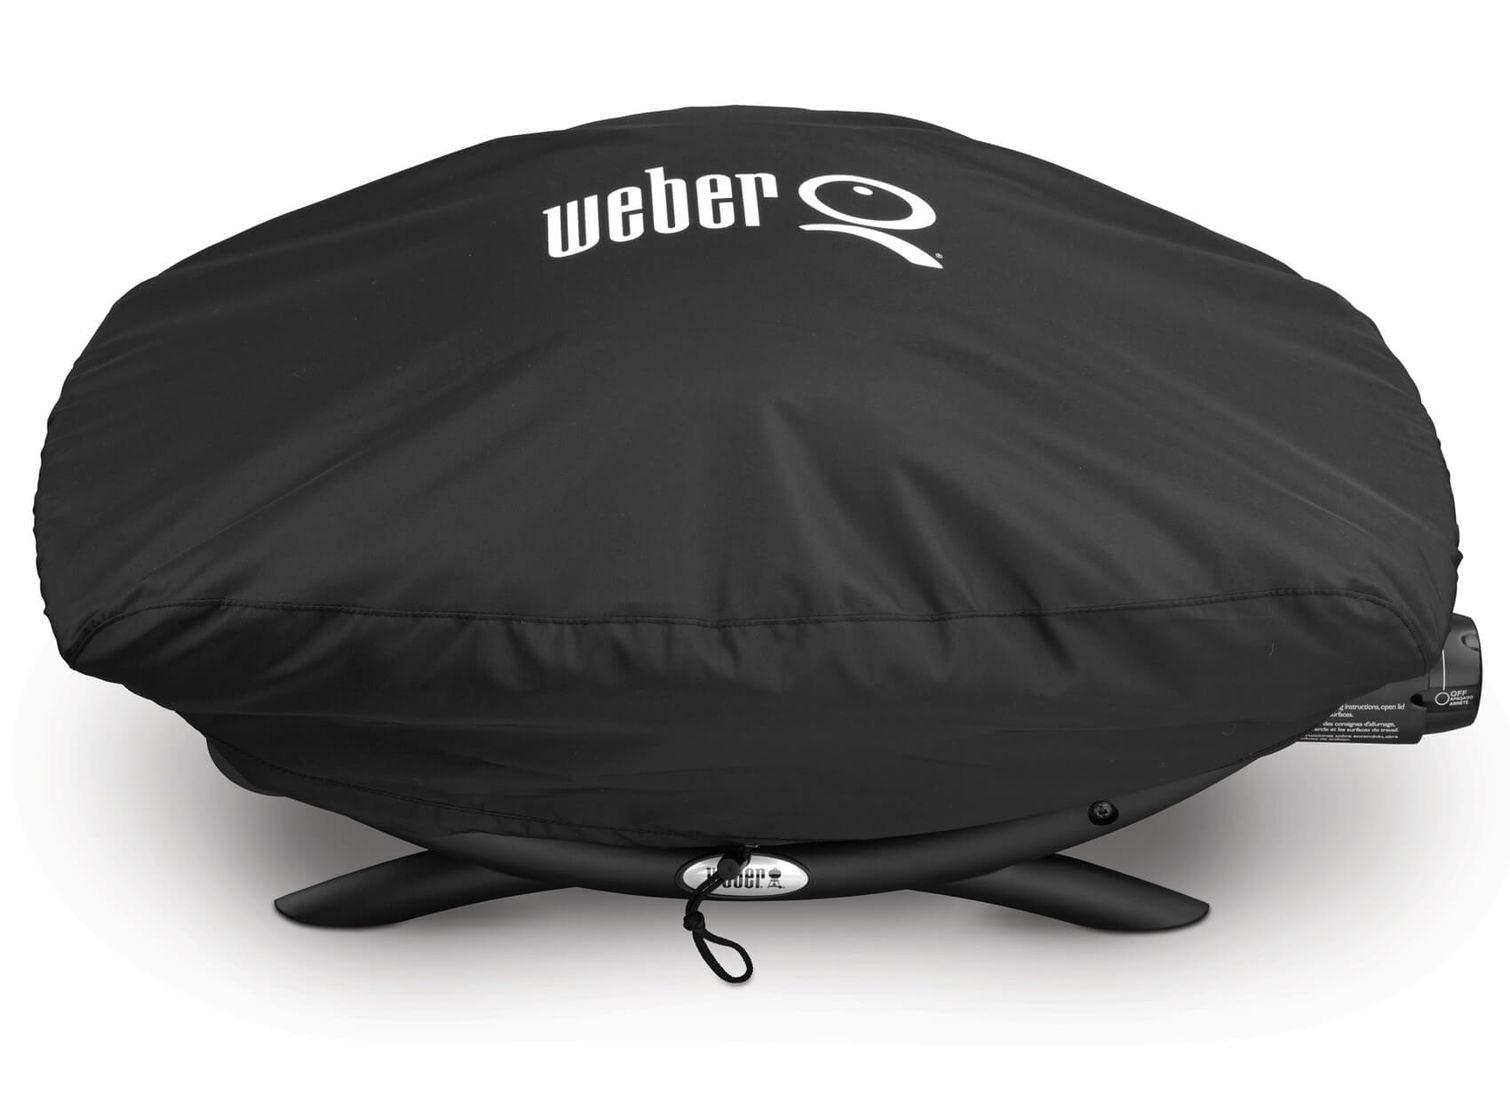 Weber Elektrogrill Q 2400 Zubehör : Weber q dark grey grill nettoshop